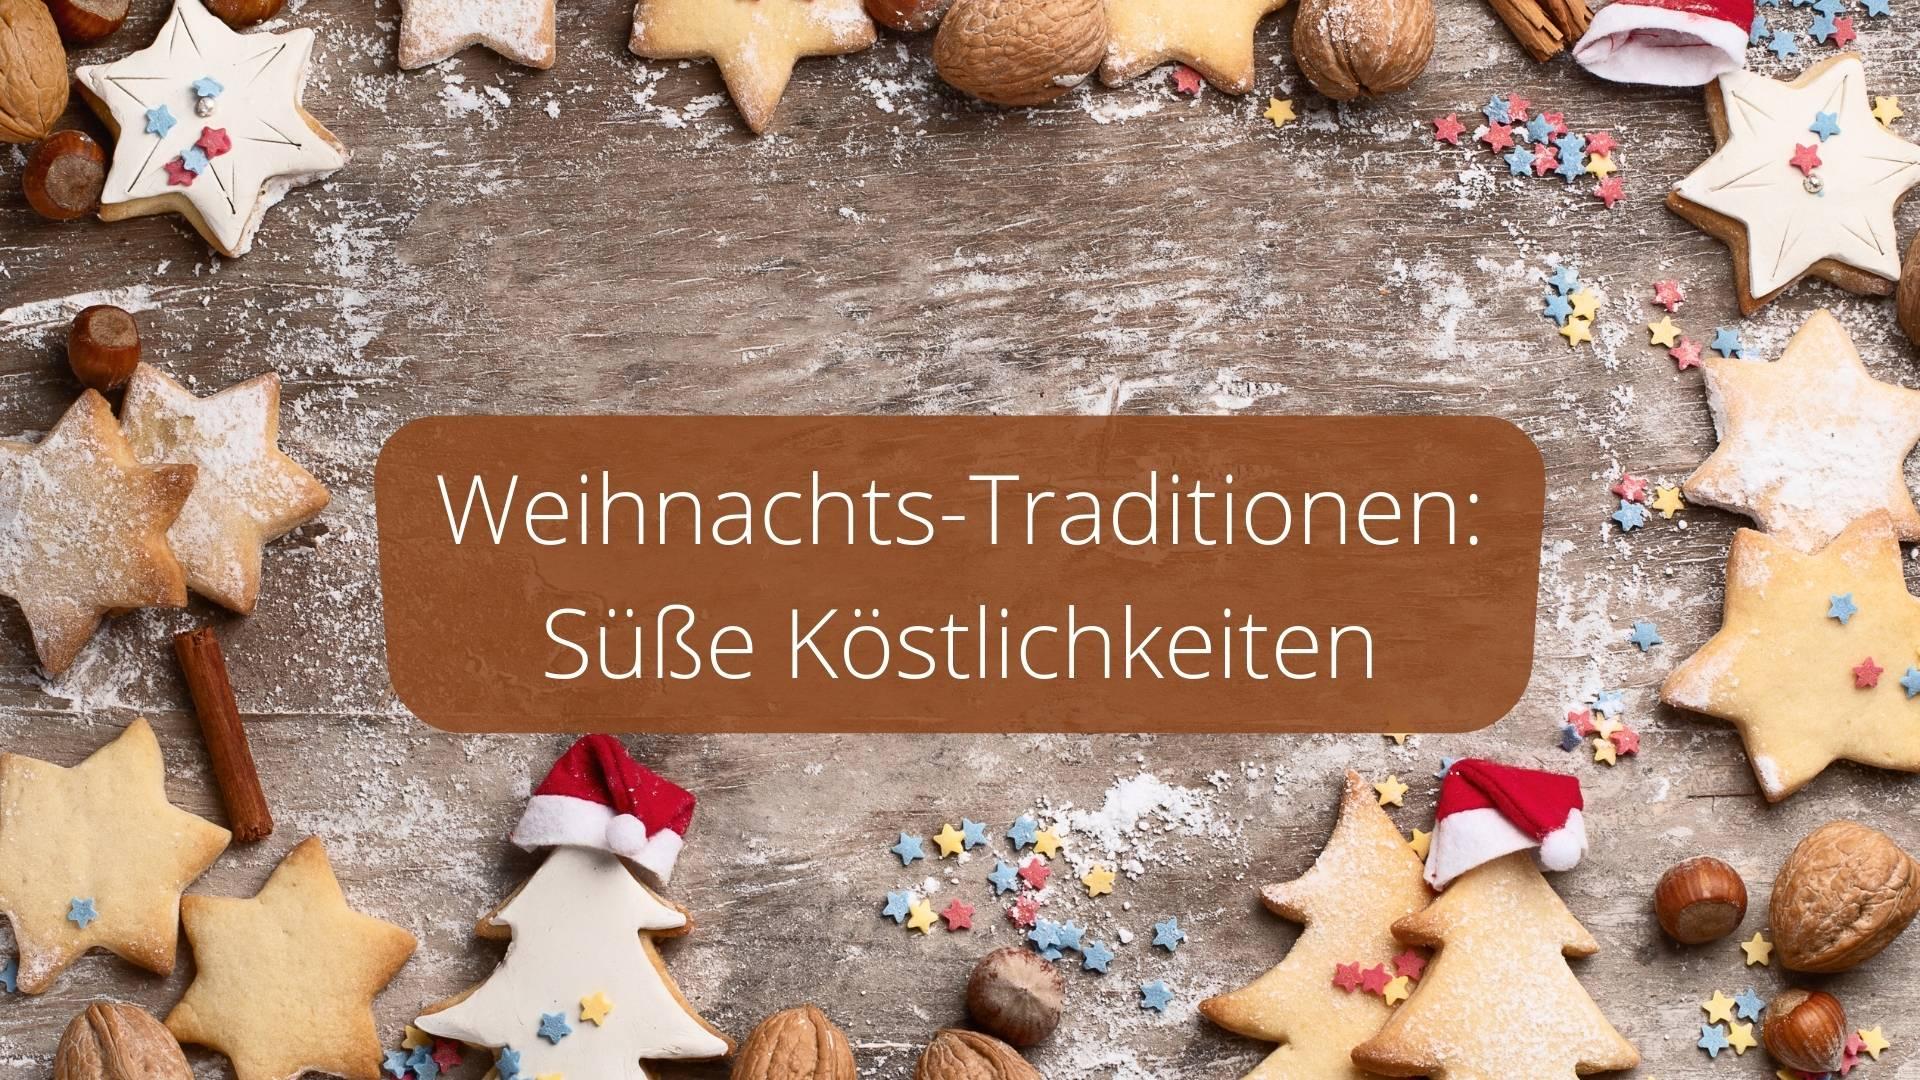 Weihnachts-Traditionen: Süße Köstlichkeiten